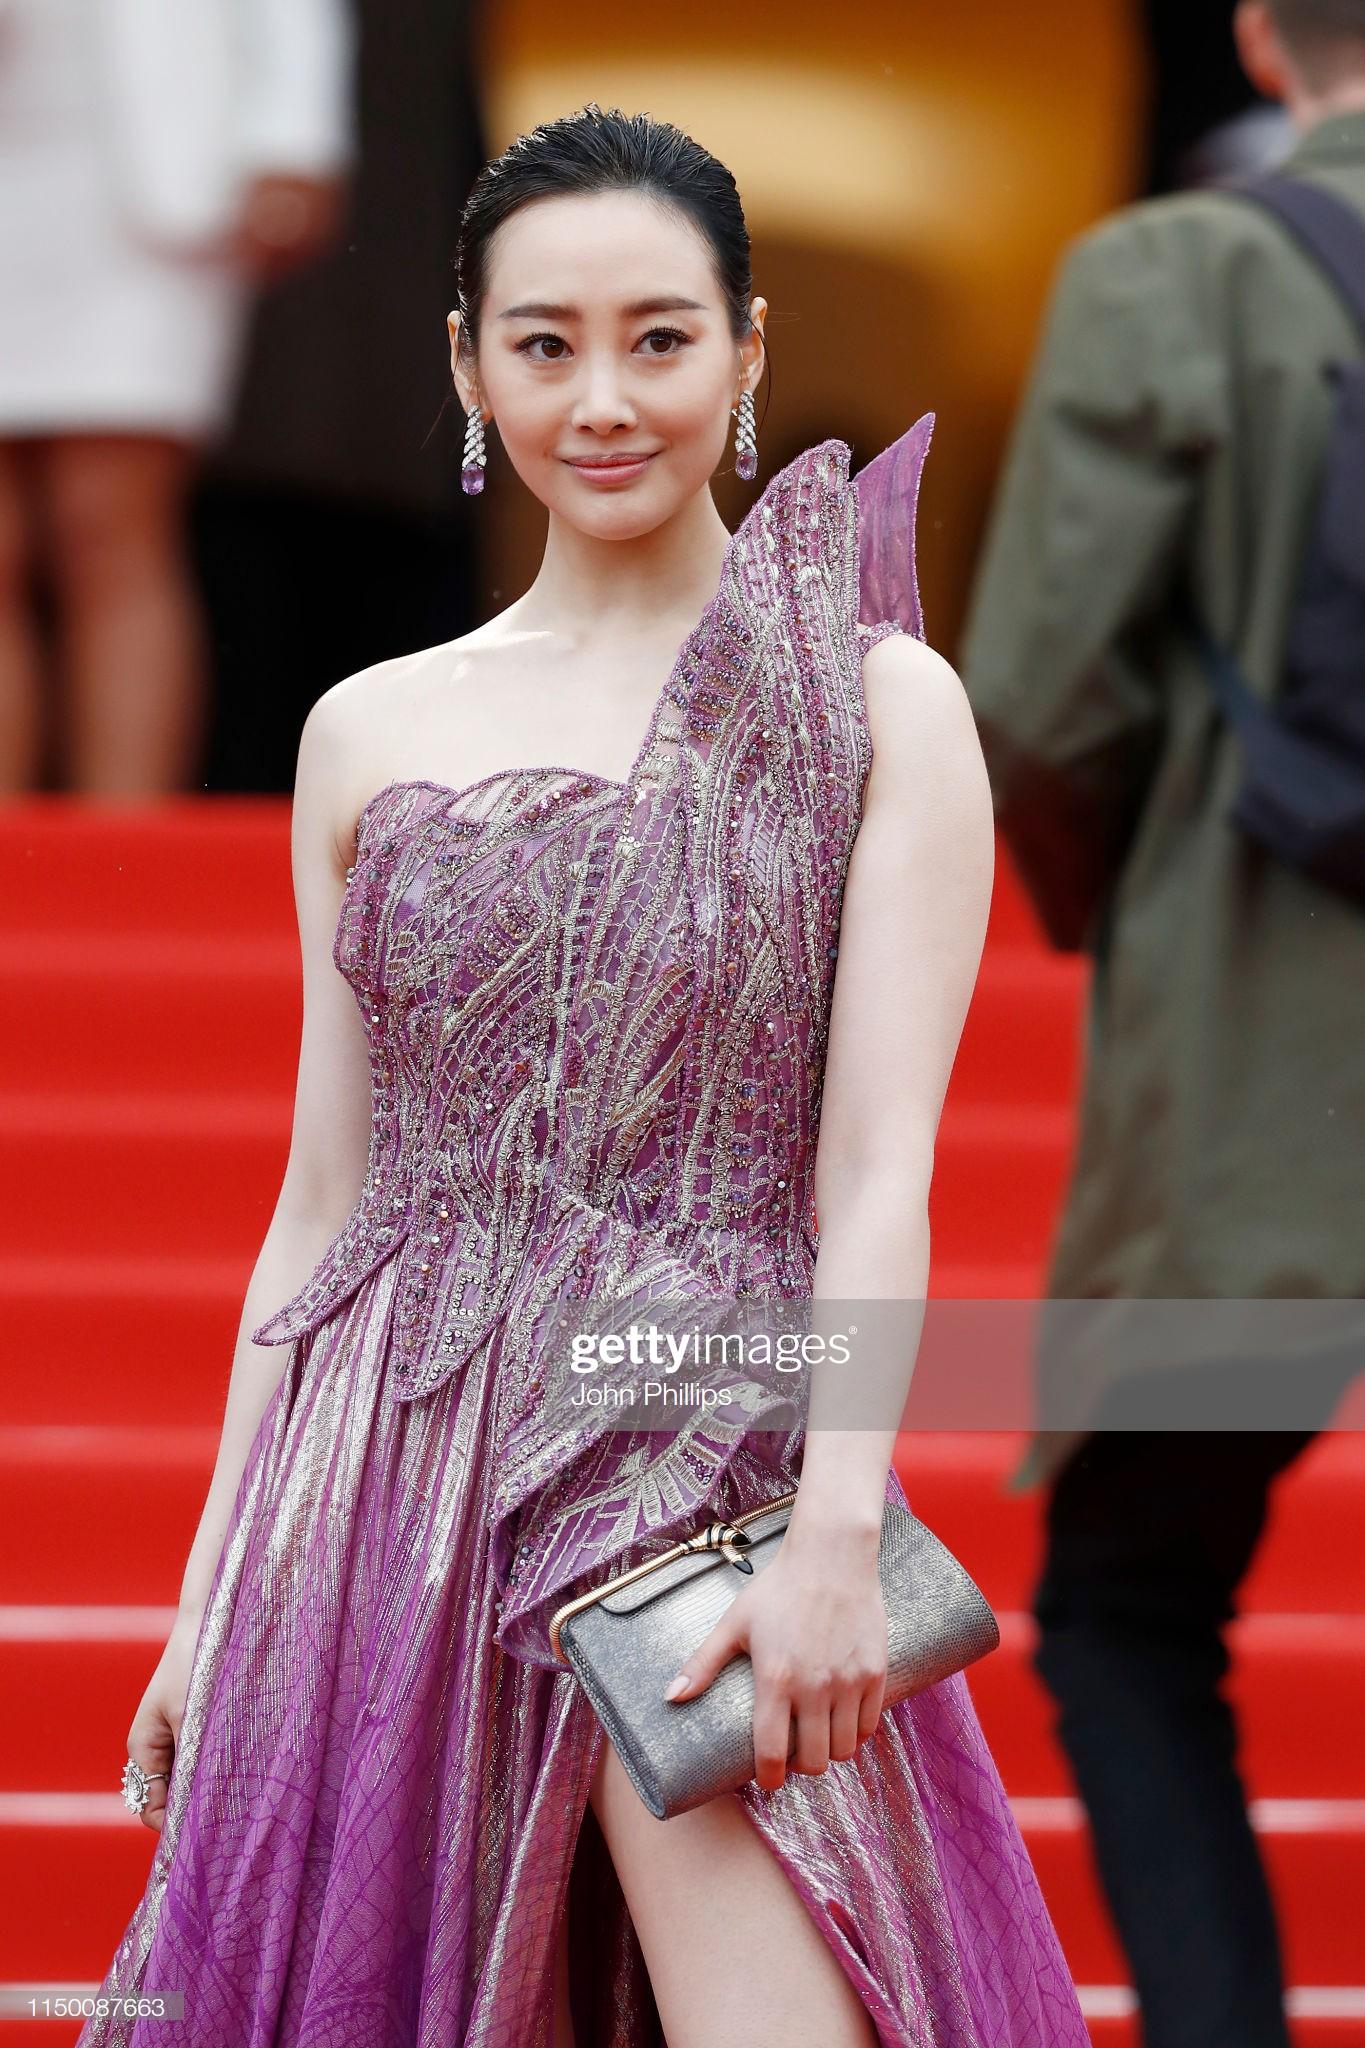 Thảm đỏ Cannes nhường spotlight cho Nick Jonas cung phụng Hoa hậu, Sui He gây sốc như không mặc gì - Ảnh 21.